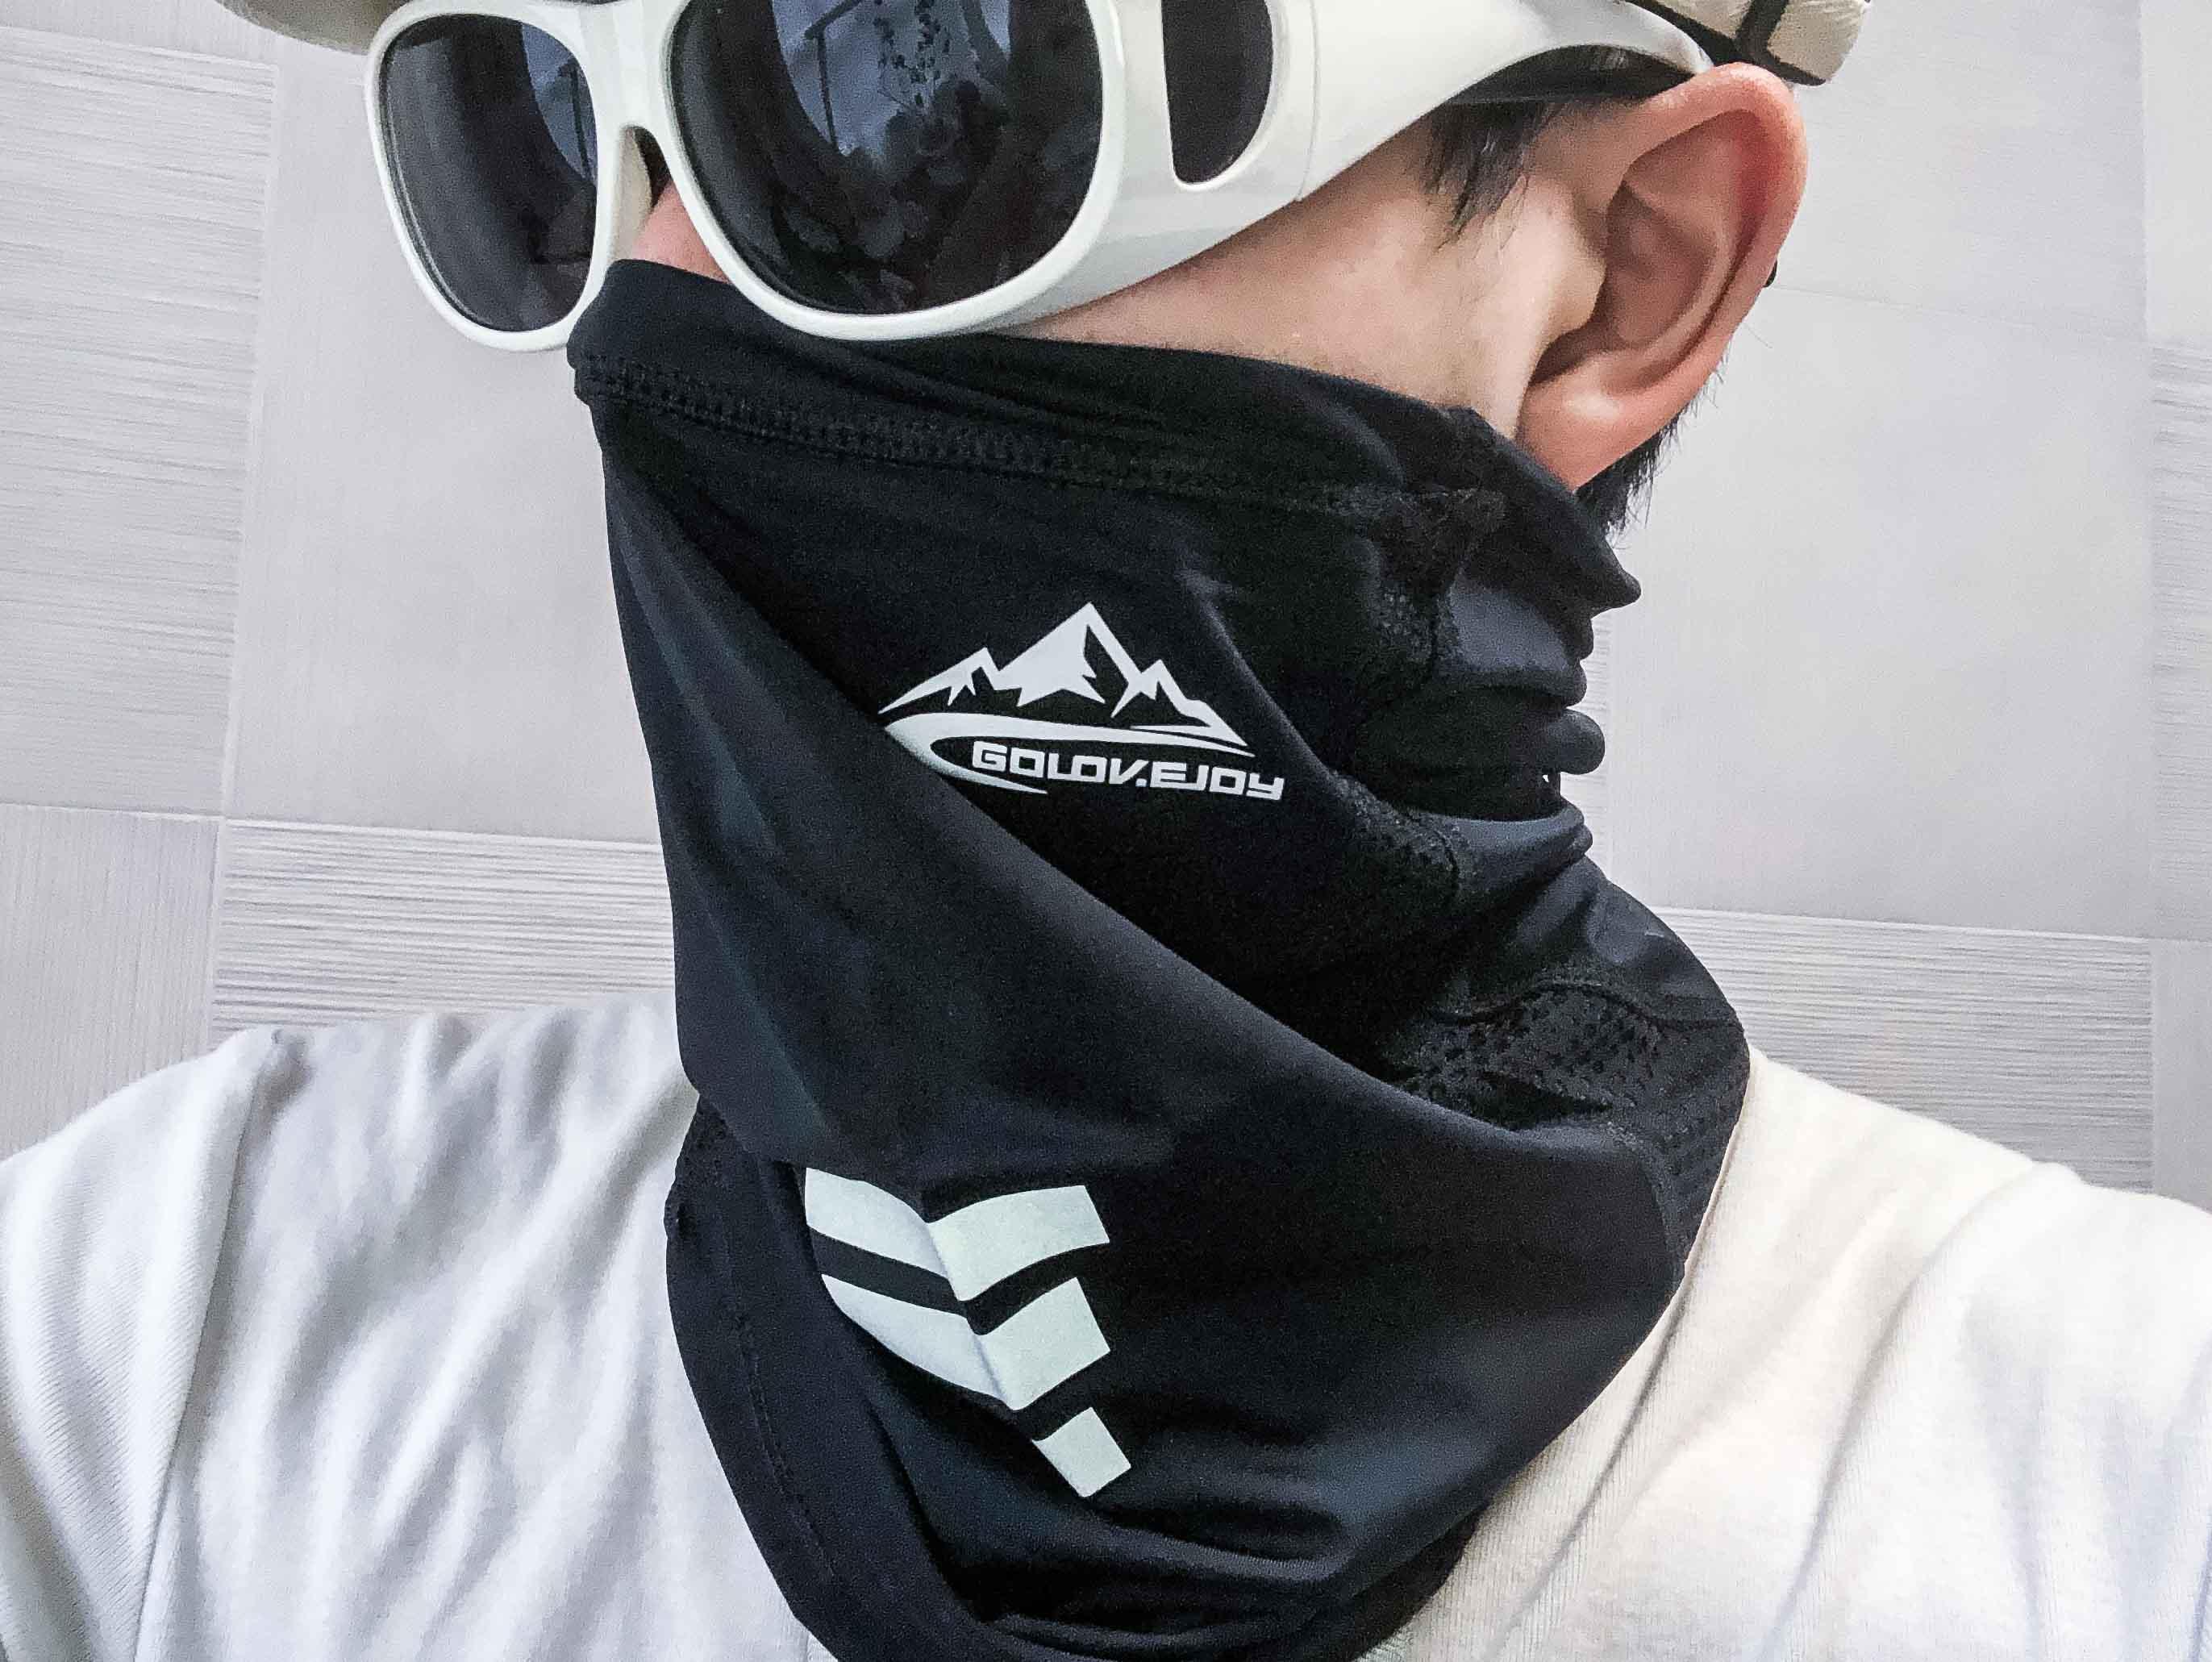 【耳掛有無・素材違いを4種類比較!】おすすめ夏用冷感フェイスマスク ランキング!【バイク・ロードバイク・運動する方必見!】